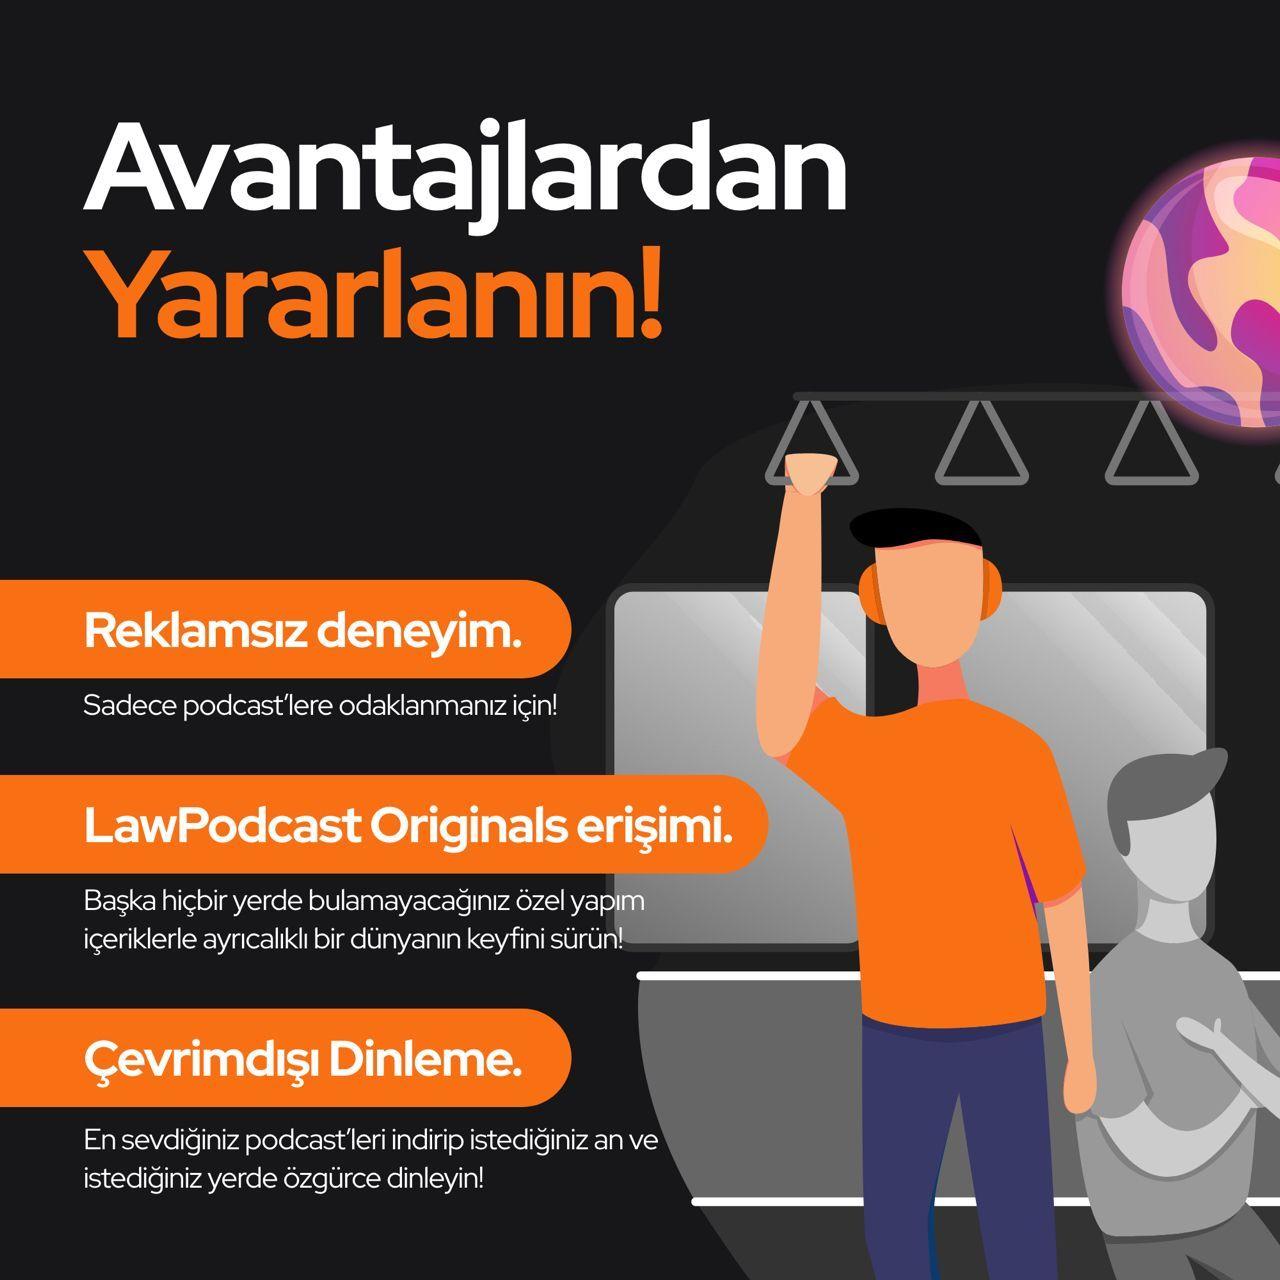 Law Podcast App kullanmanın avantajları!